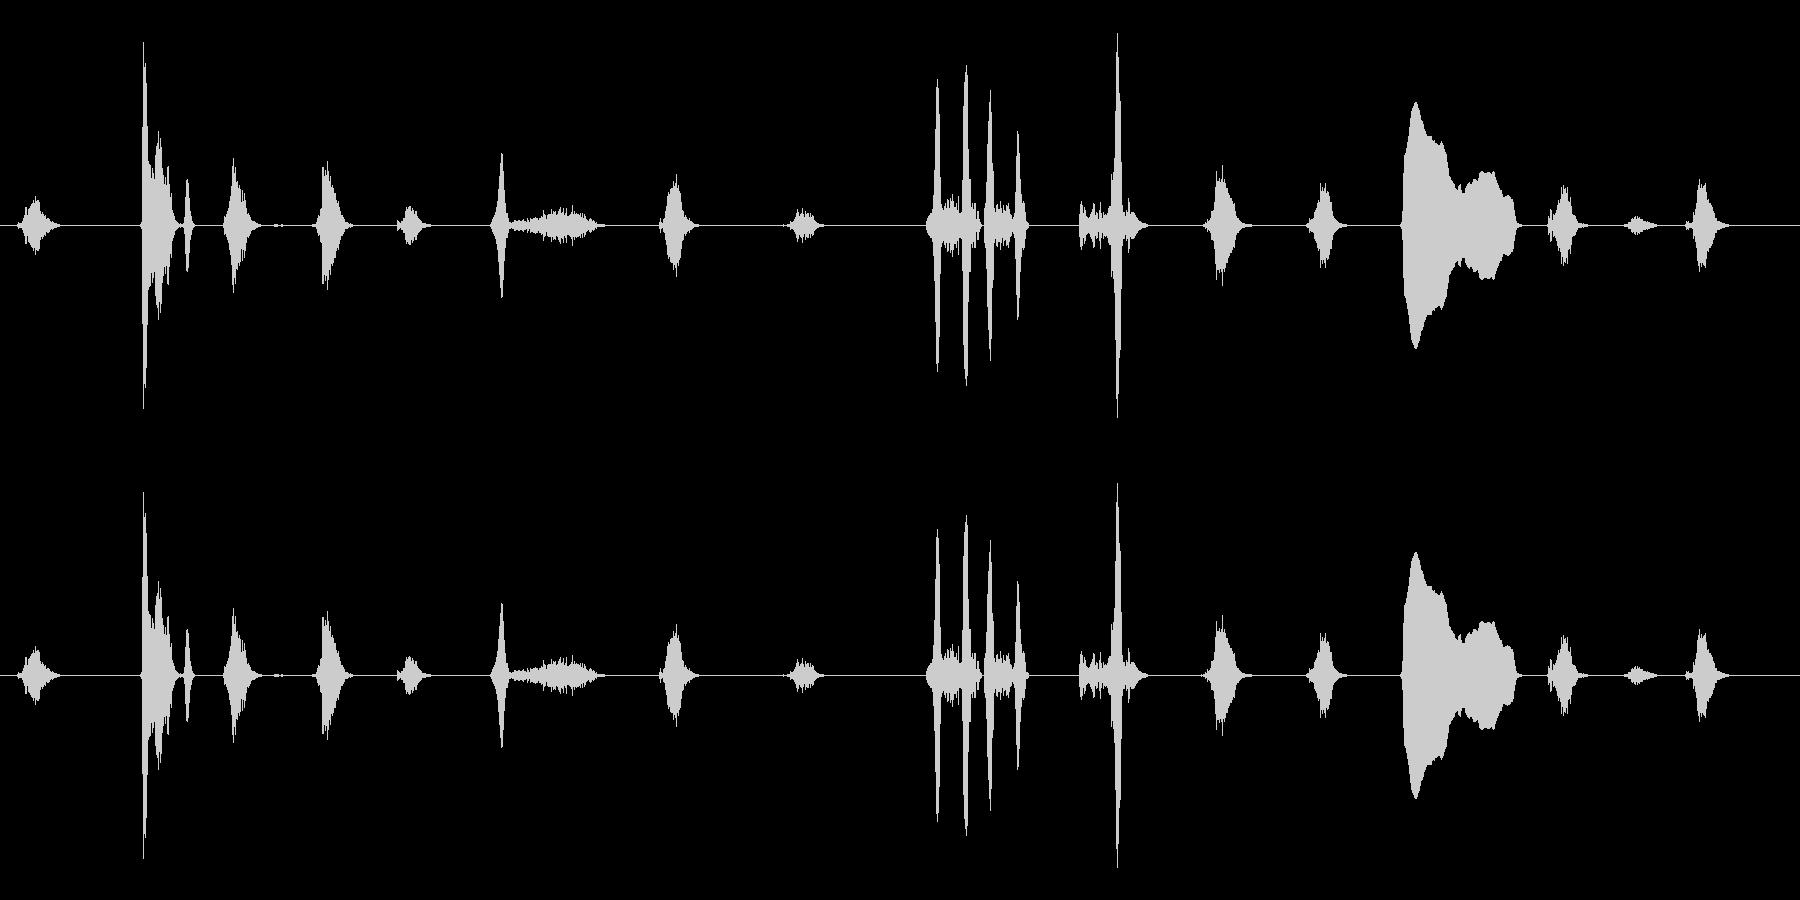 泣き1(ループ可)【すすり泣き】の未再生の波形